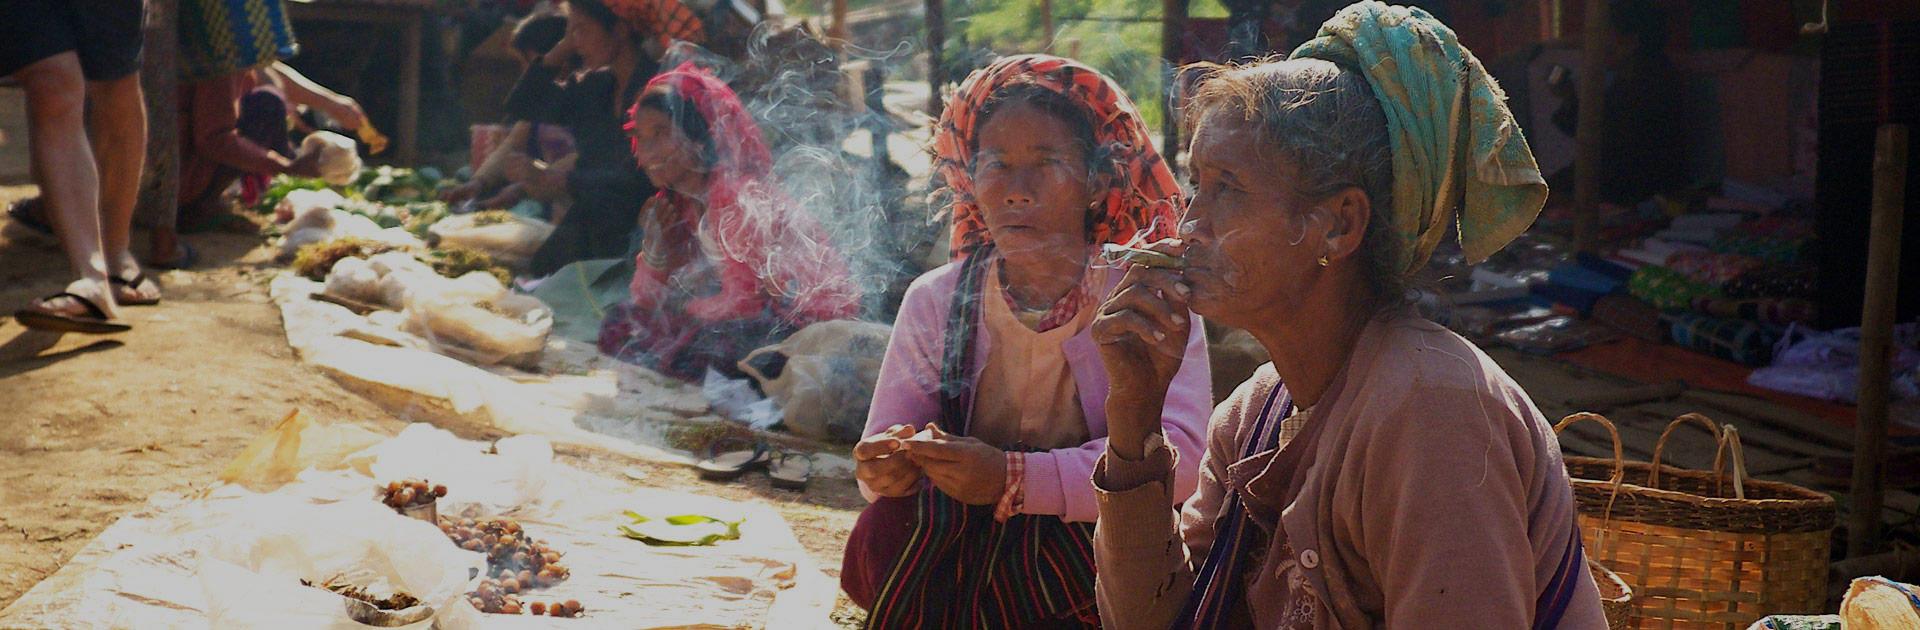 MM Myanmar en Privado 11 días 4